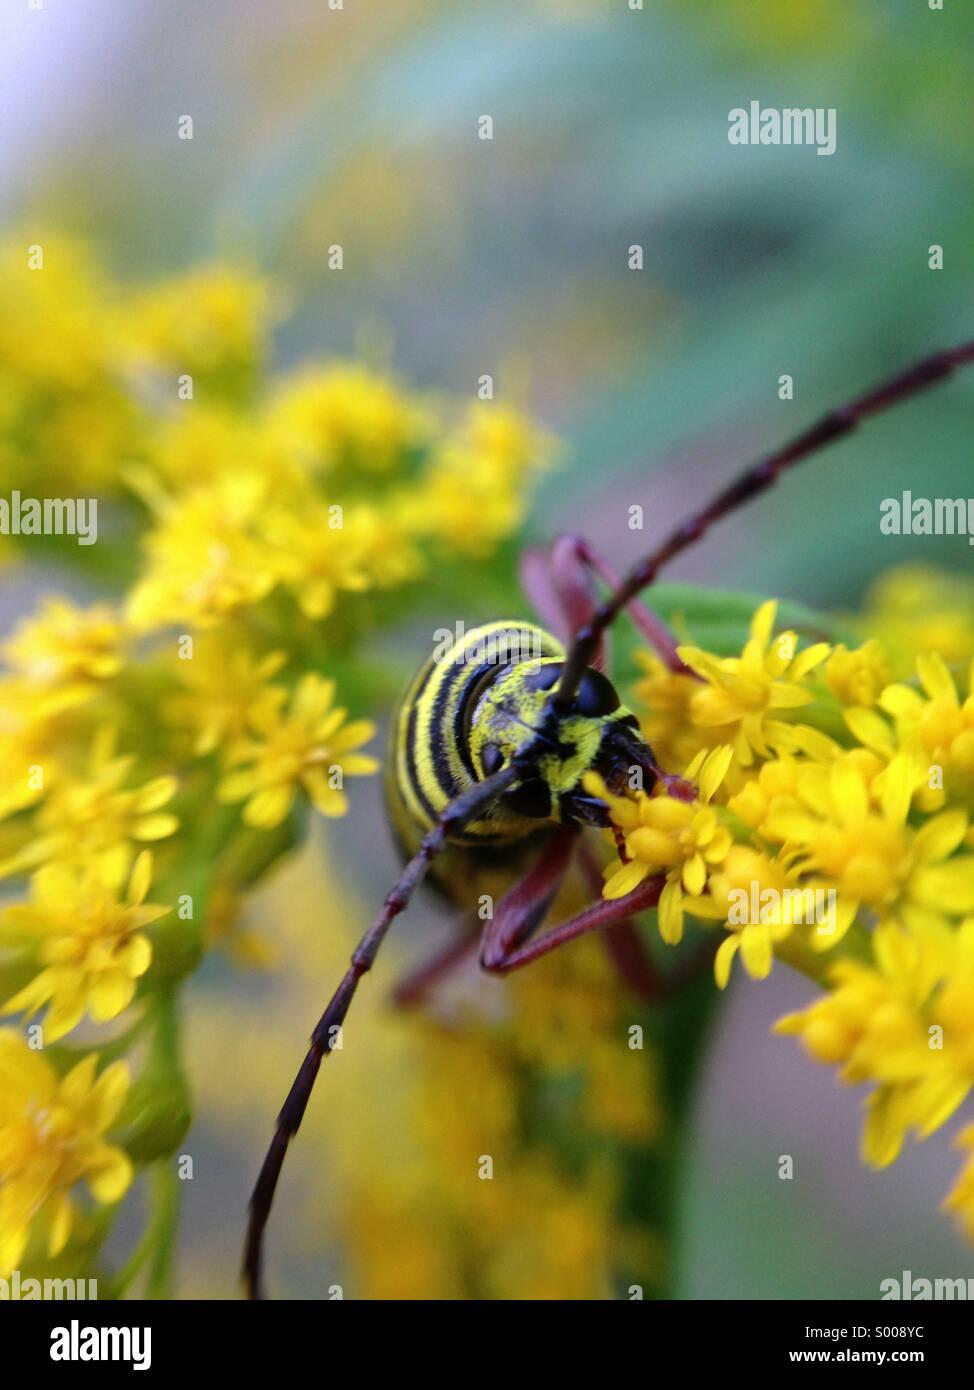 Locust borer on goldenrod. - Stock Image